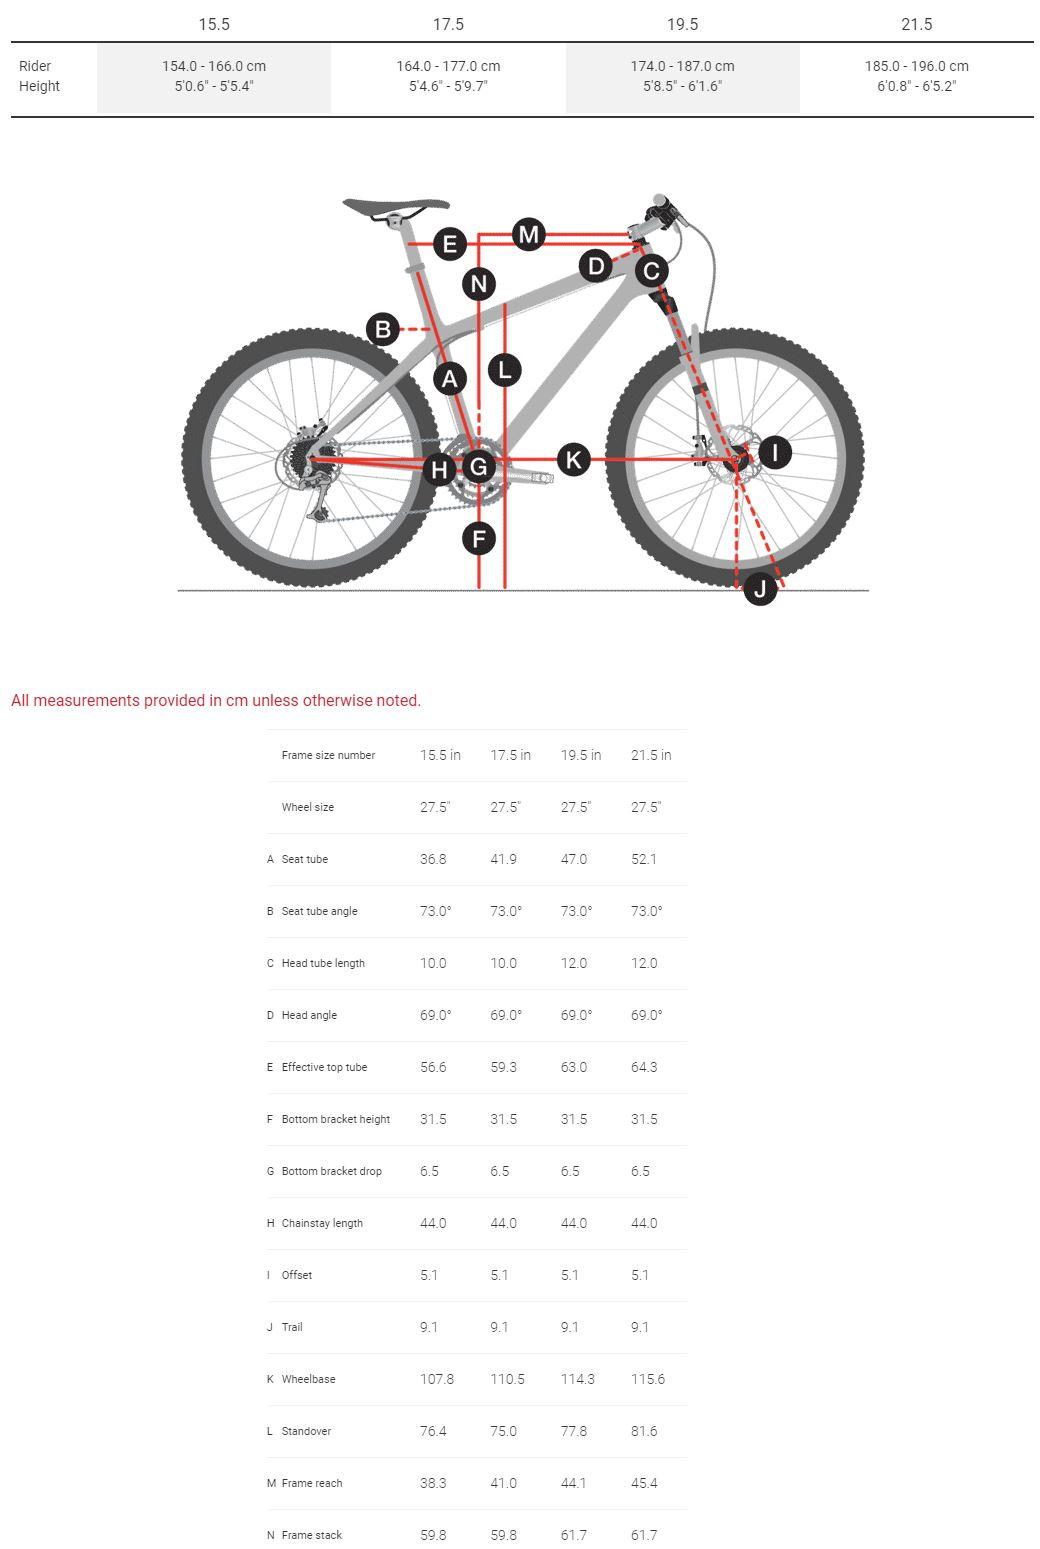 Trek Farley Frameset Geometry Chart